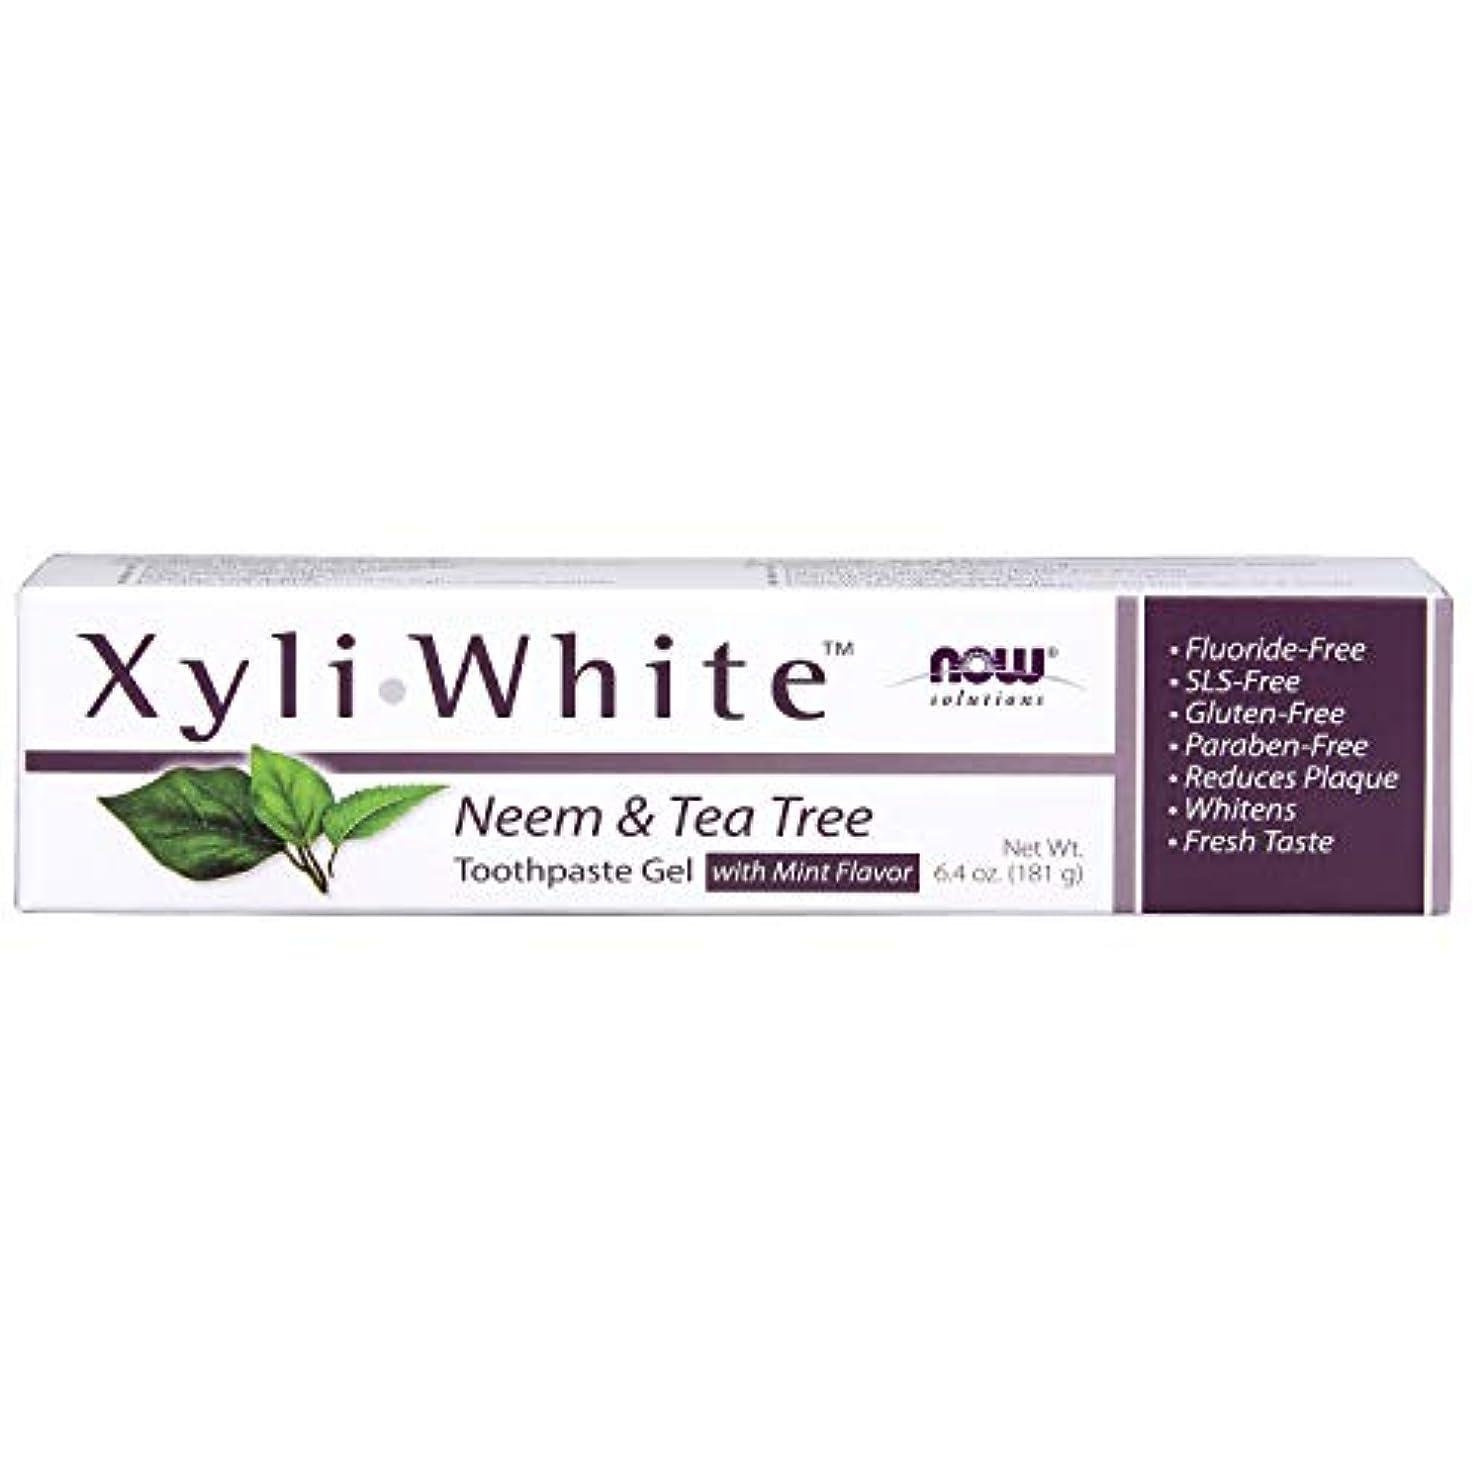 キシリトール 歯磨きジェル  ニーム&ティーツリーミントフレーバー 6.4 oz (181 g)